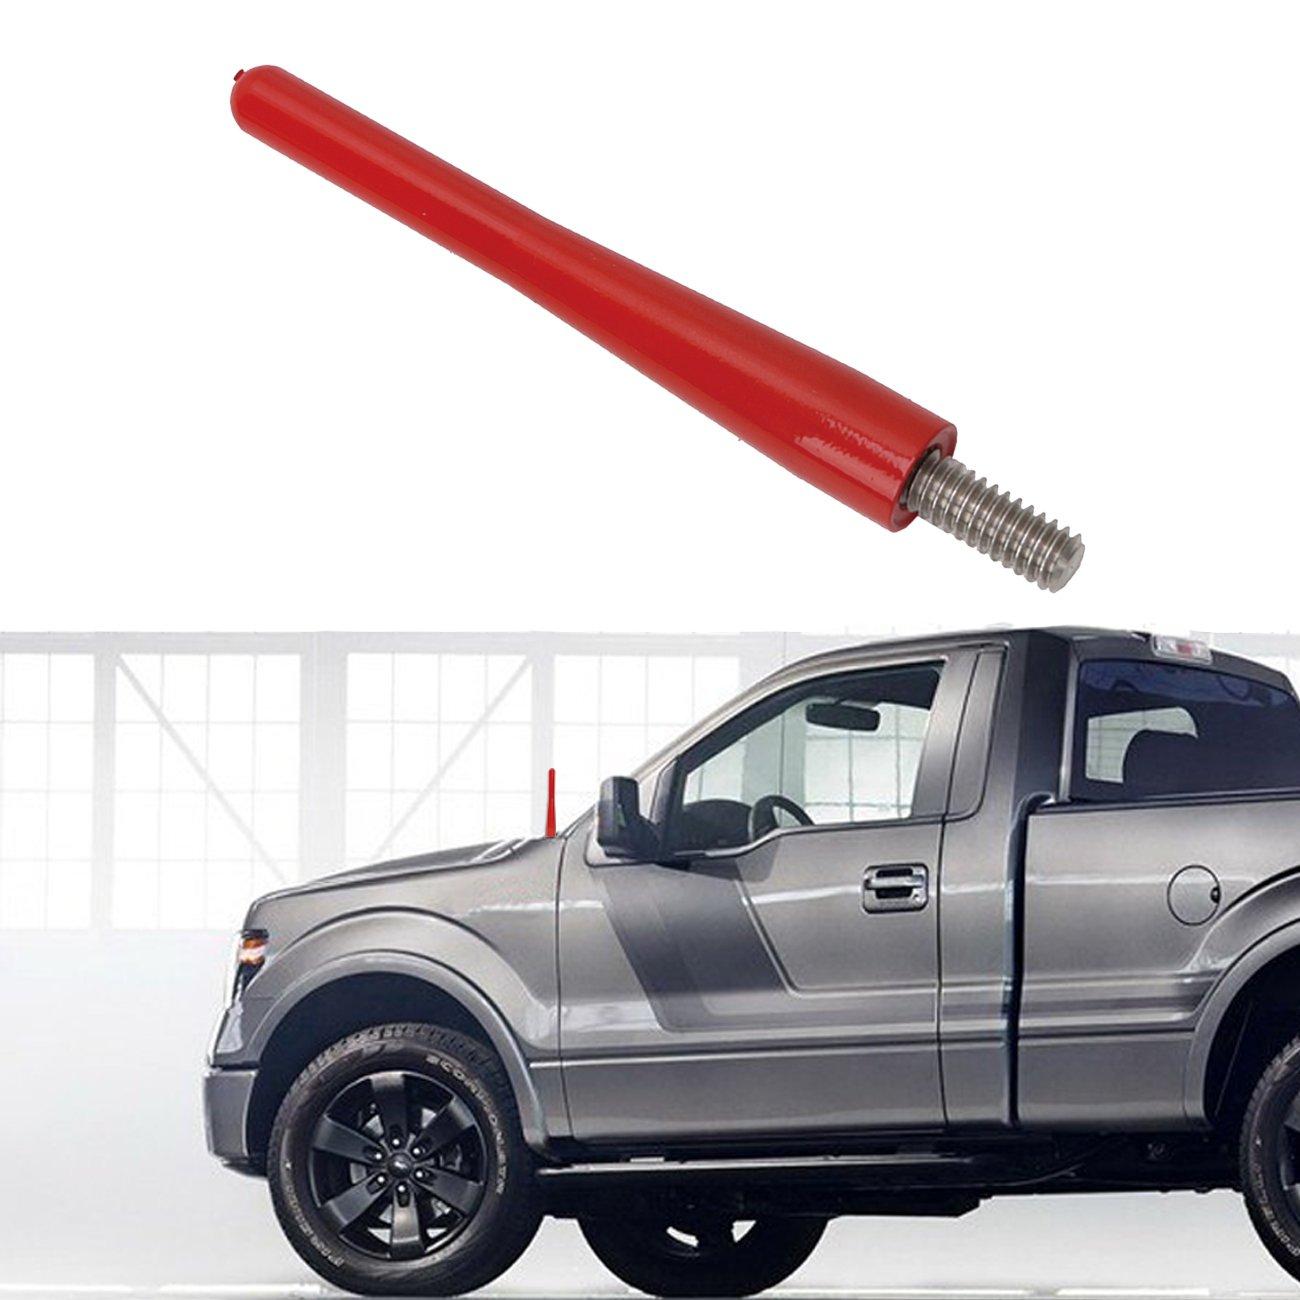 3' 6MM Metal AM FM Radio Reflex Antenna for Ford F-150 Truck 2009-2017 Silver Espear